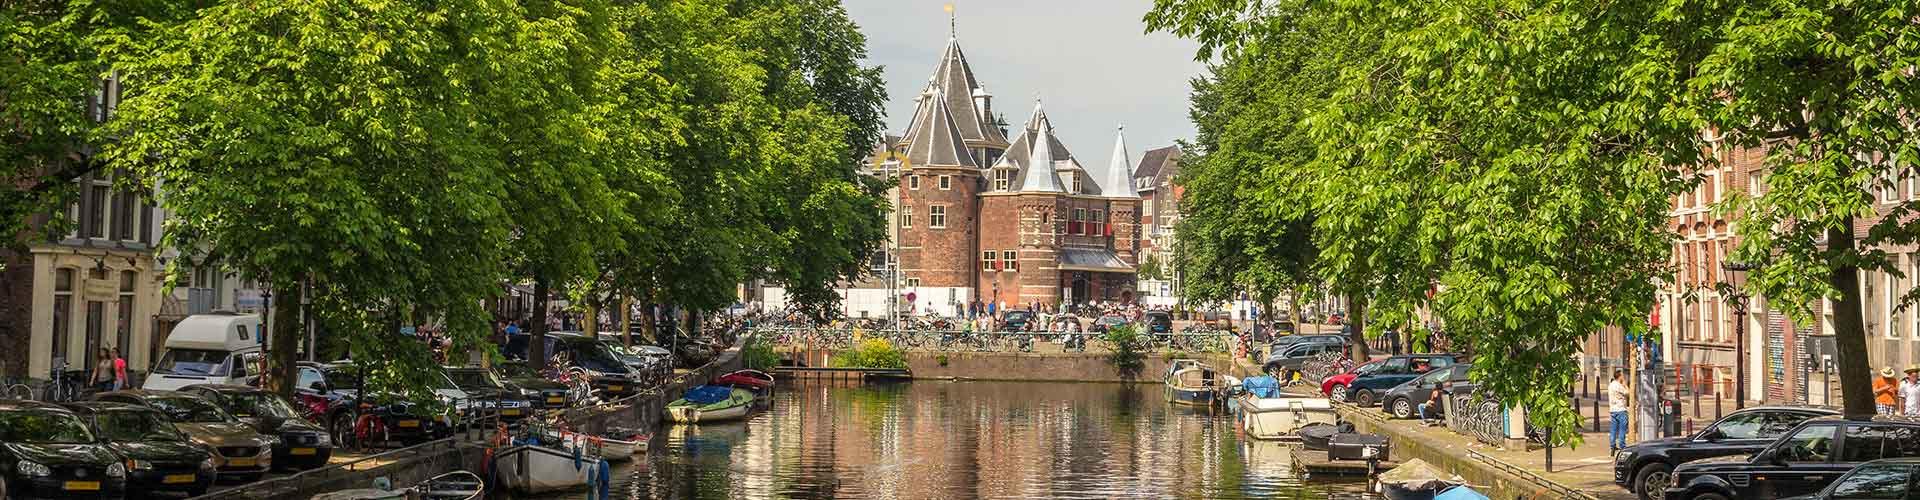 Amsterdam – Hostellit lähellä Weigh House. Amsterdam -karttoja, valokuvia ja arvosteluja kaikista Amsterdam -hostelleista.